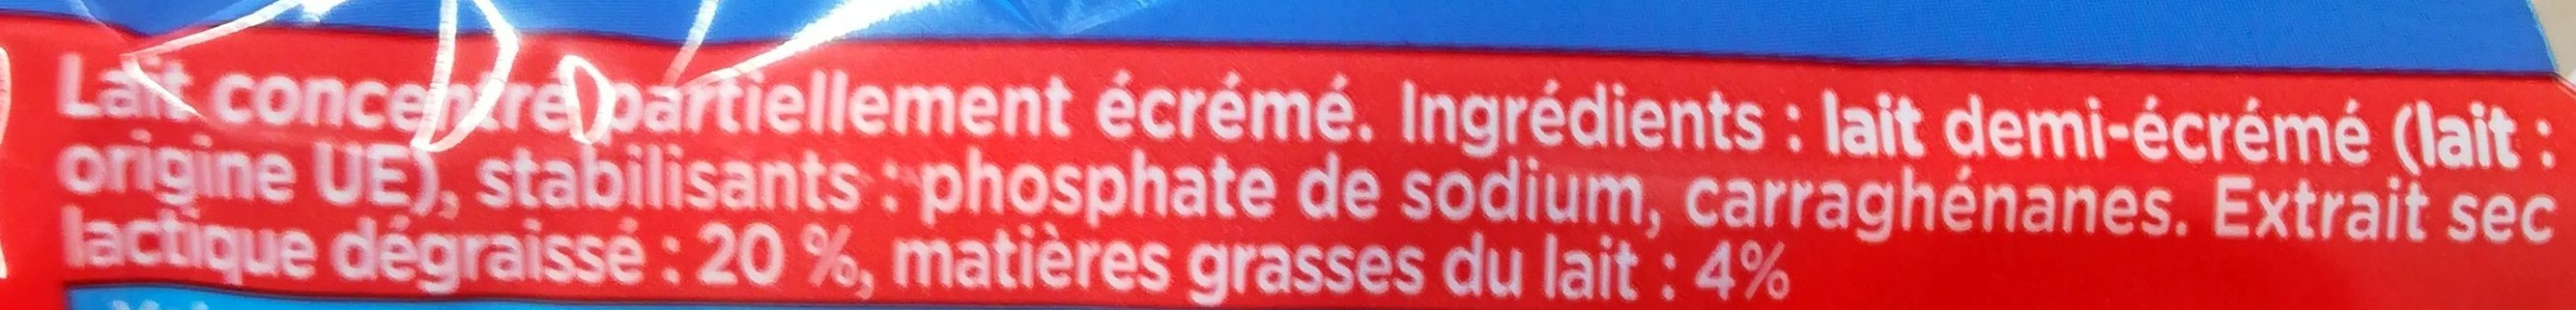 GLORIA Lait Concentré Non Sucré 1/2 Ecrémé 4% Blister 10 dosettes - Ingrédients - fr